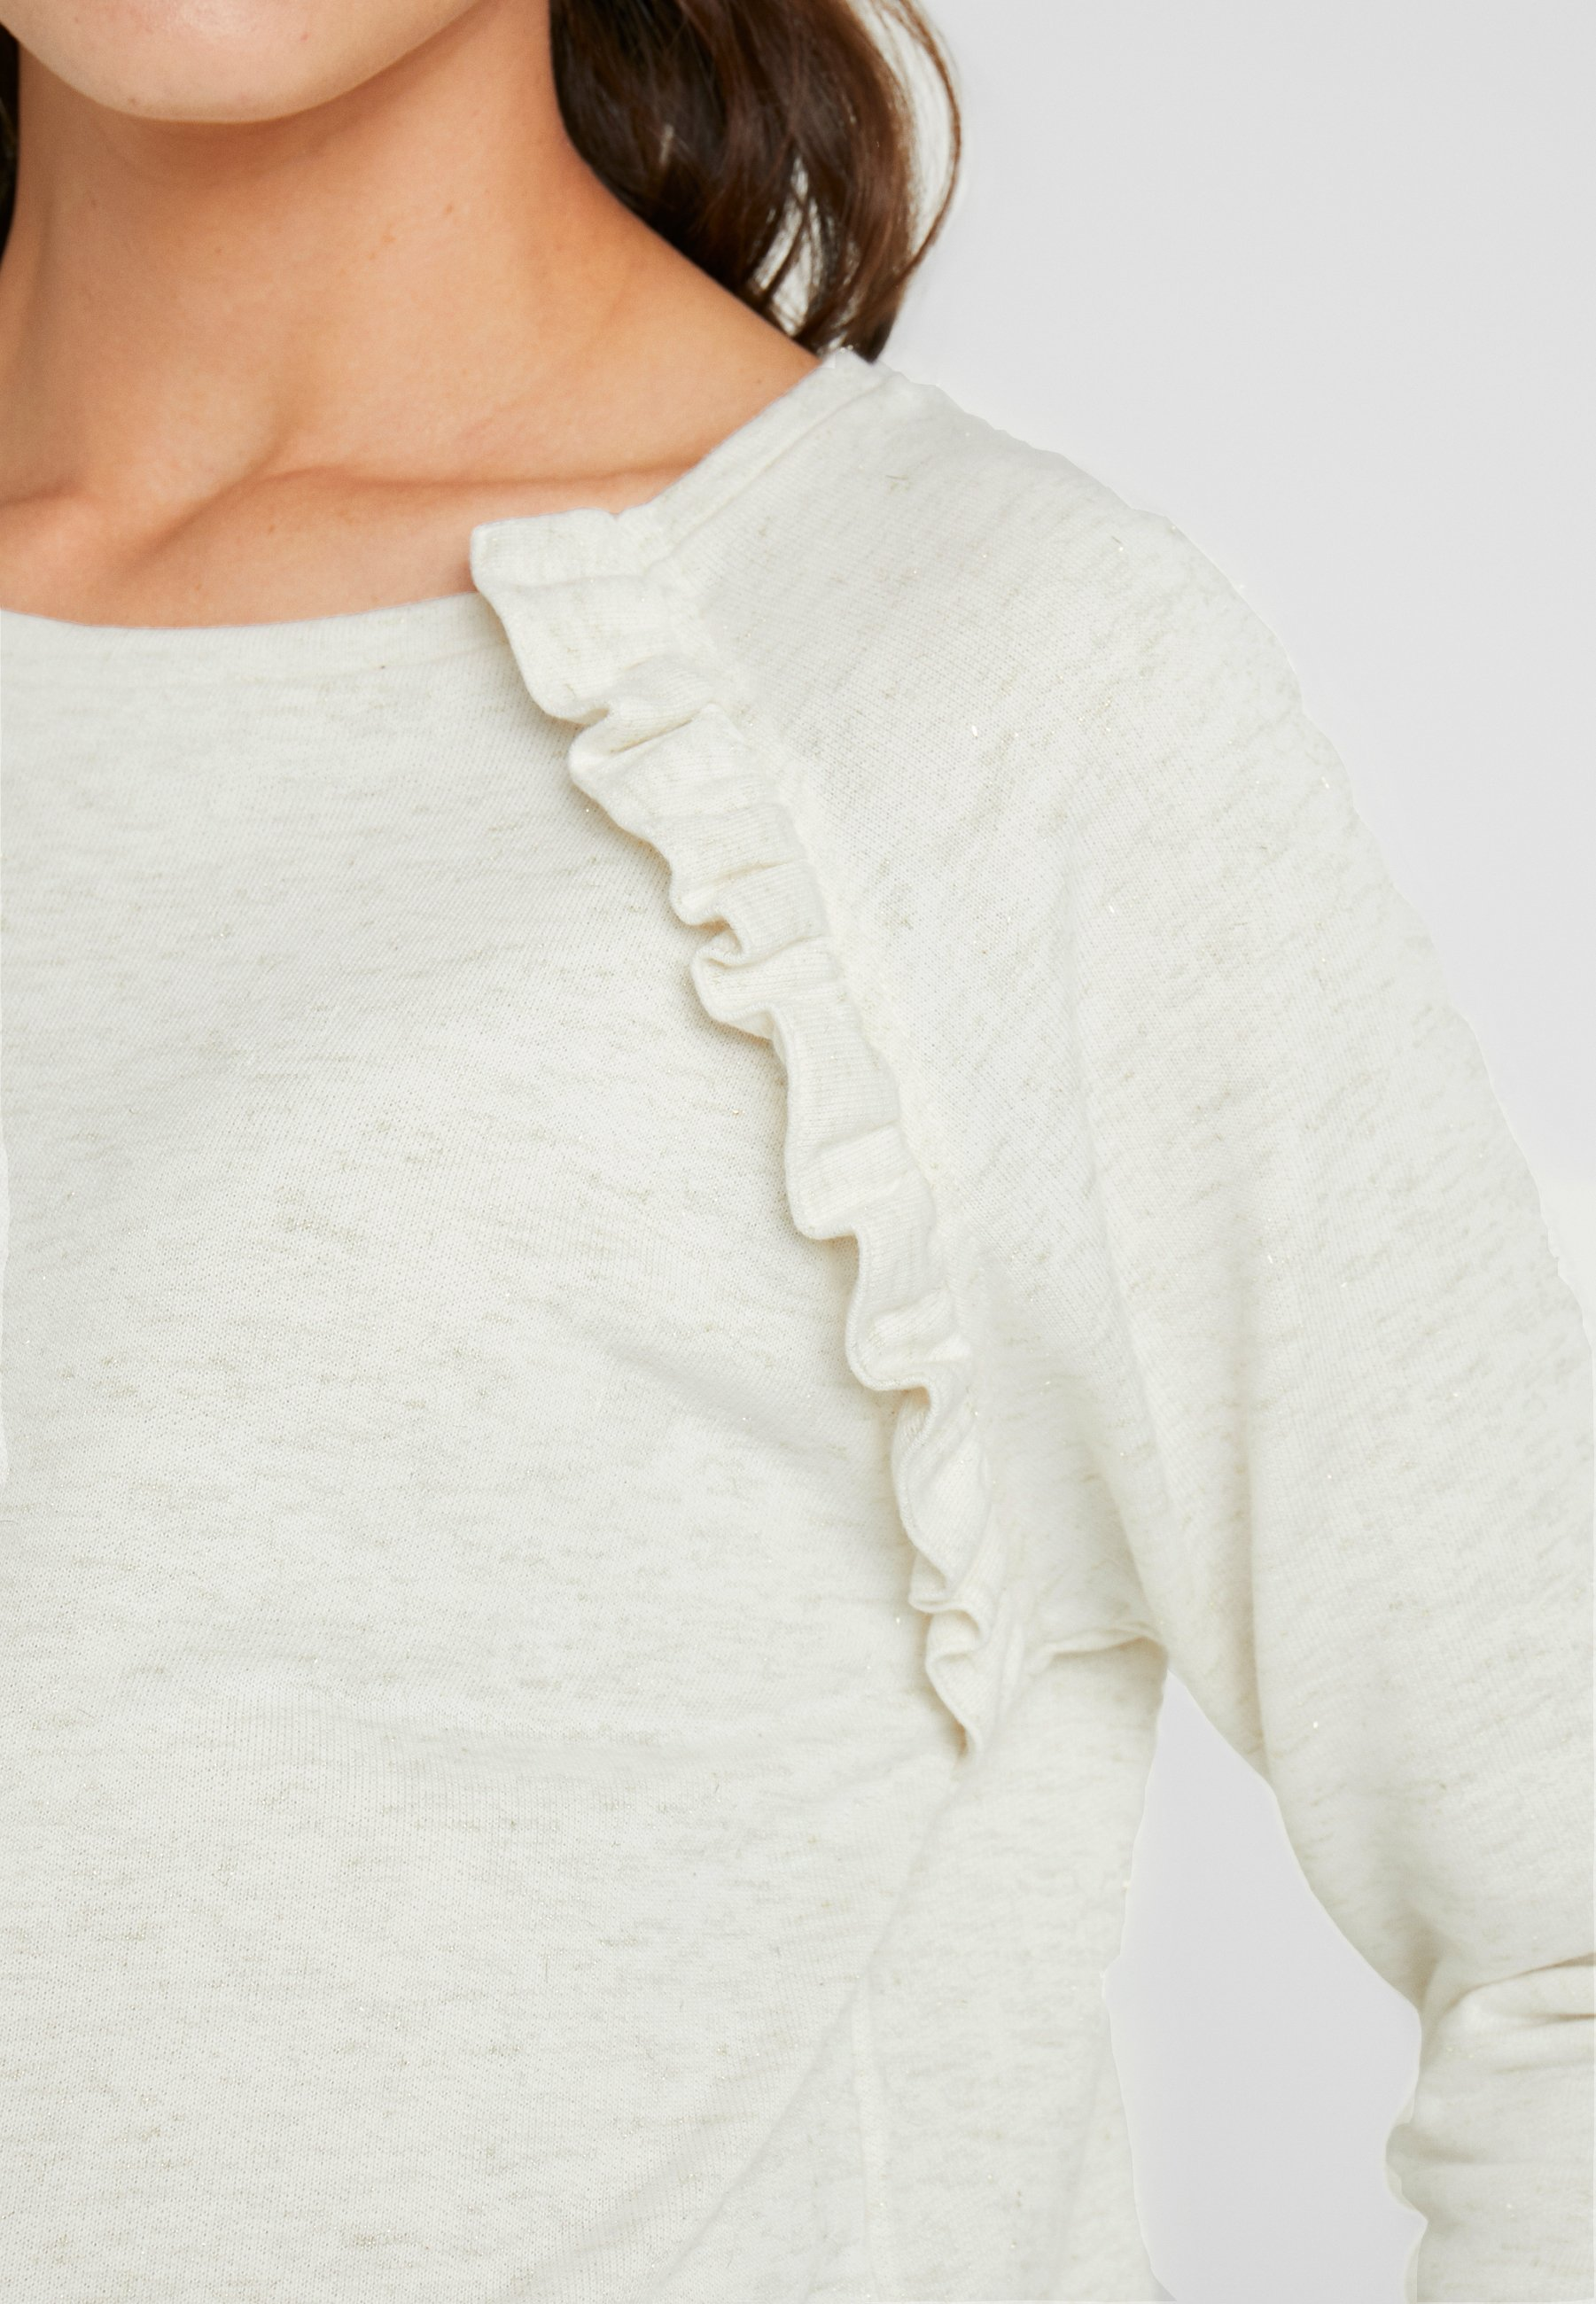 Seraphine Ivanna Frill Detail Nursing - Sweatshirt Sandgold/offwhite